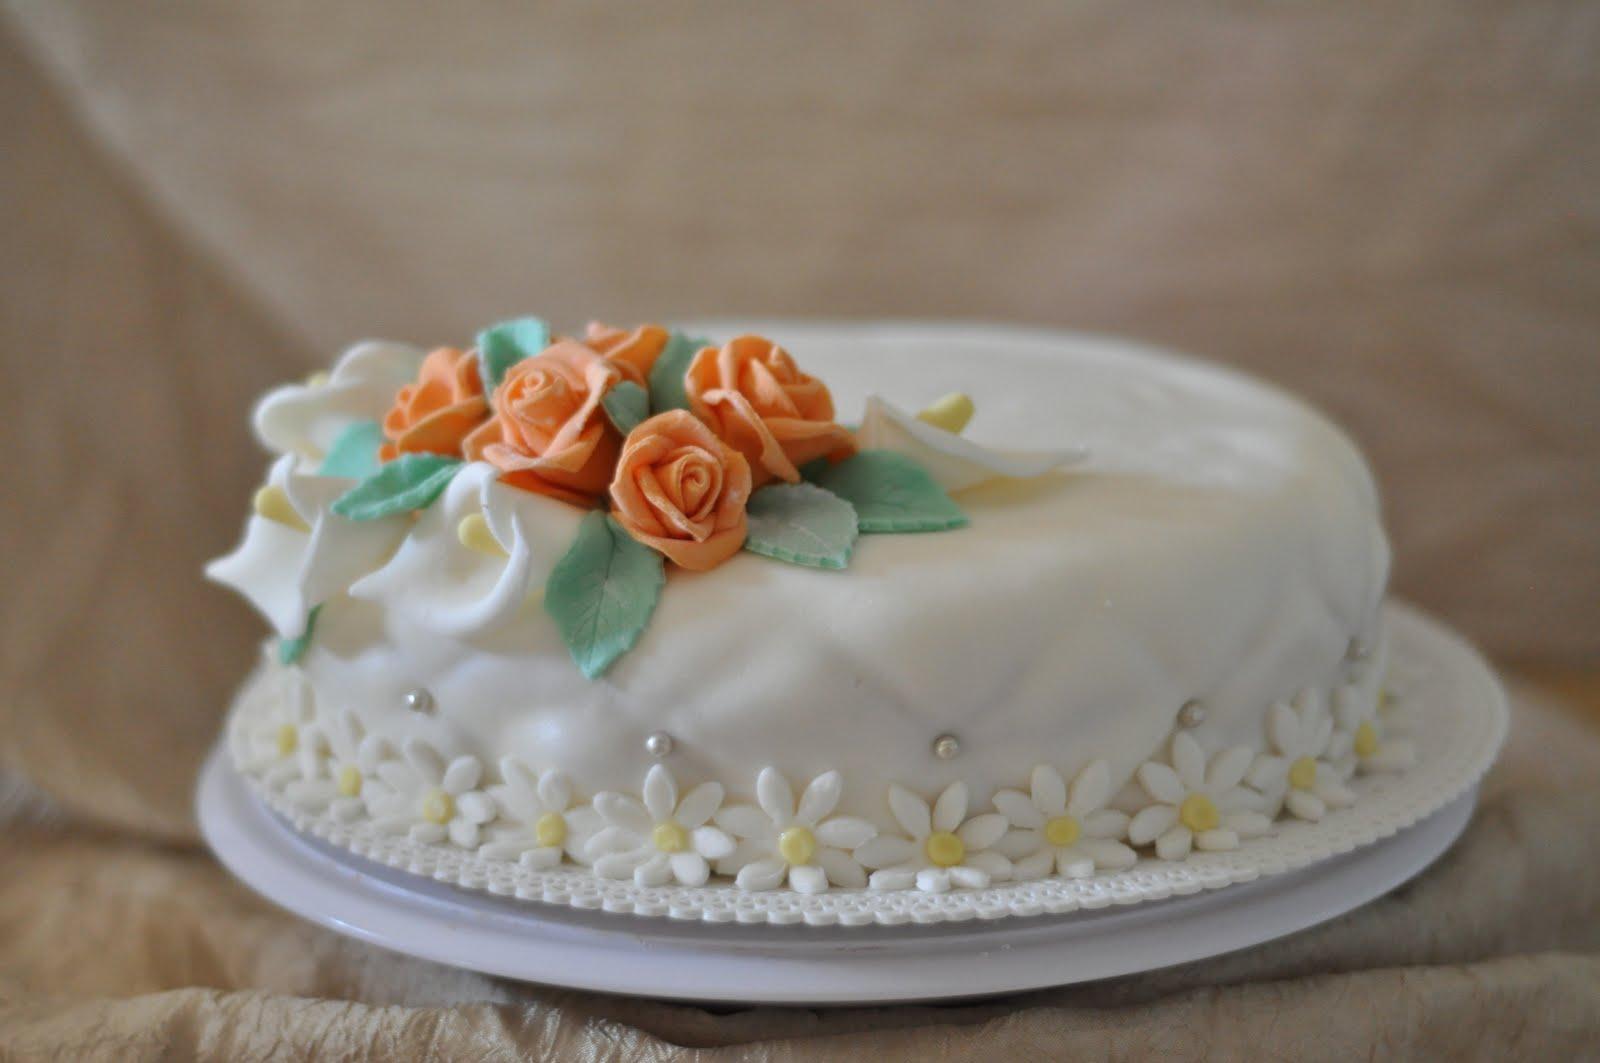 le torte di mirtillo ditelo con i fiori